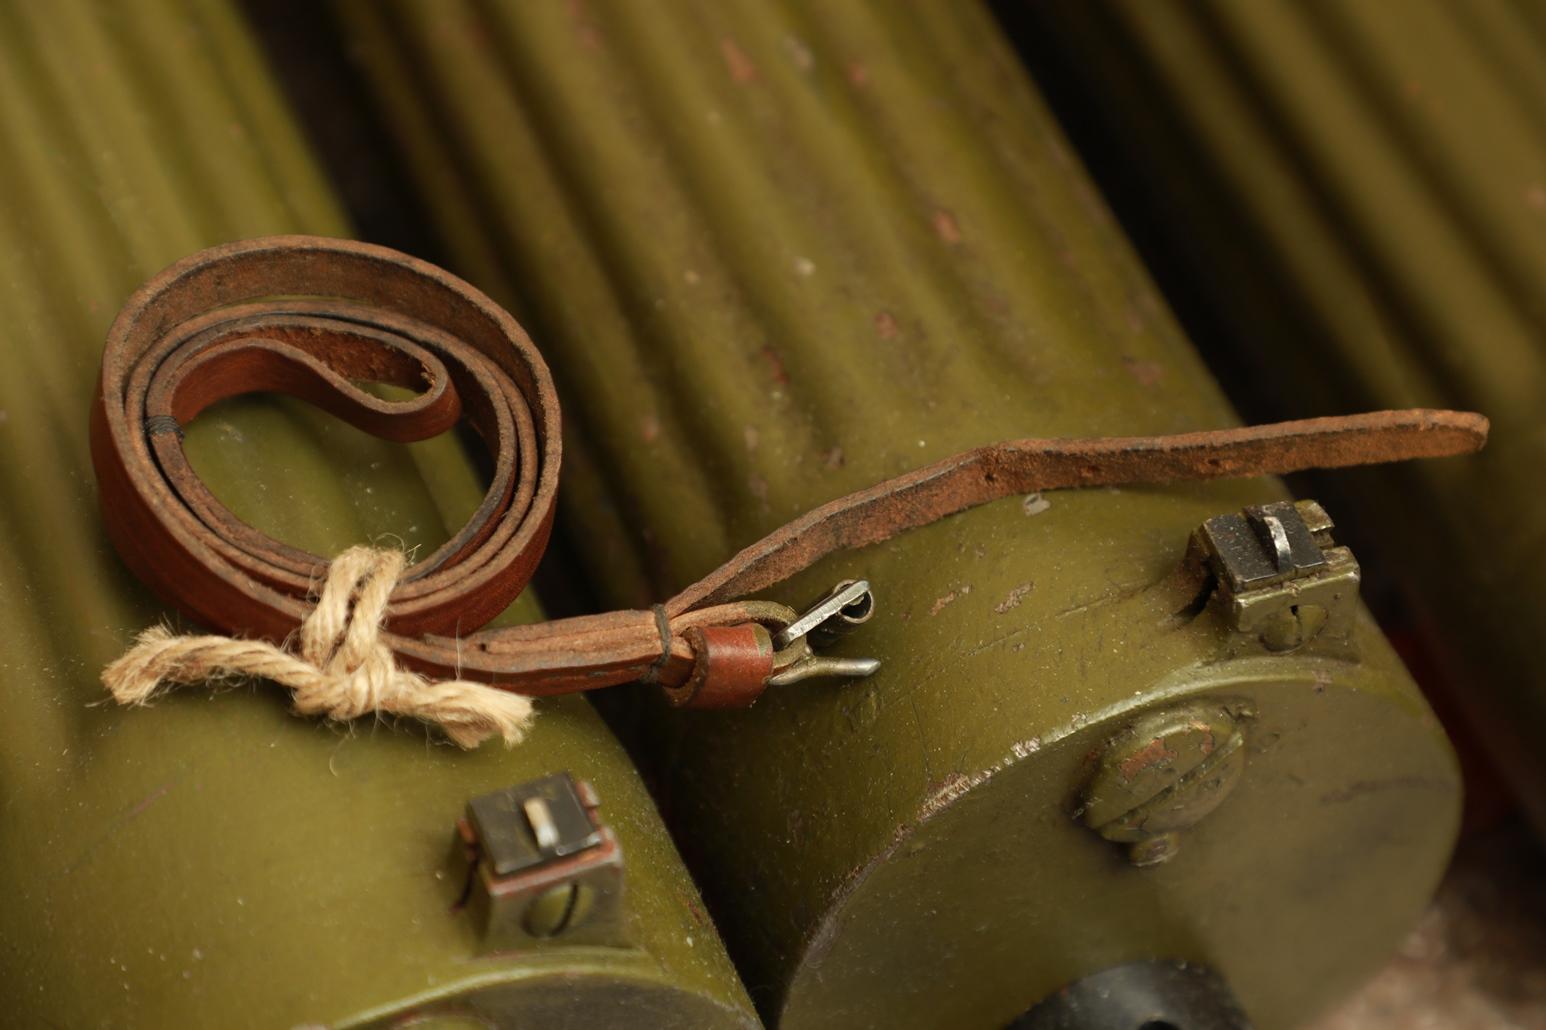 Кожаный тренчик к пистолету ТТ №3, военный выпуск